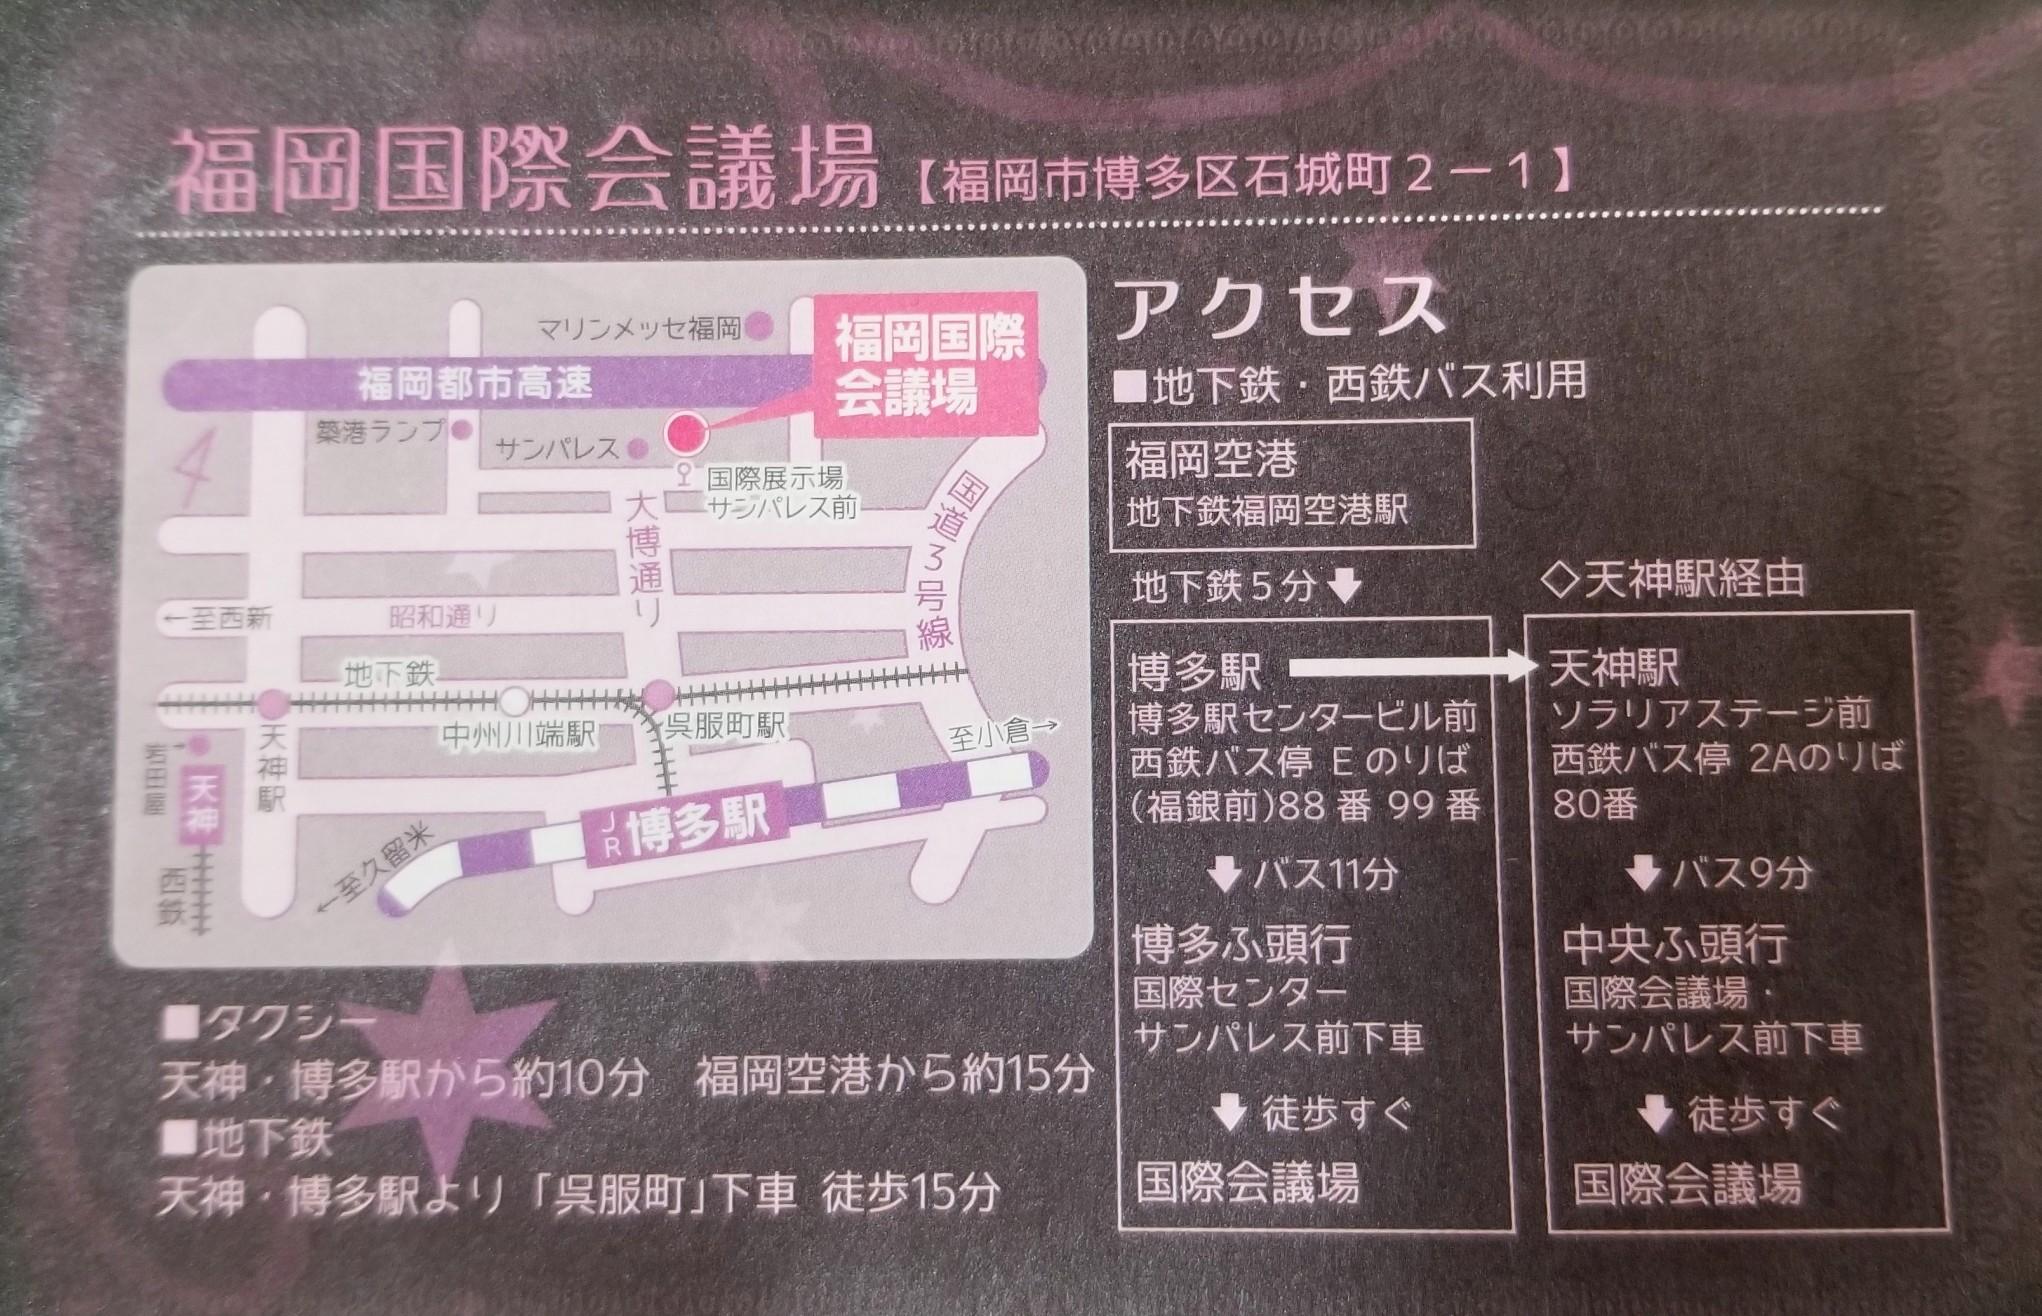 10月14日アイドール福岡告知,ドール用小物,福岡国際会議場,人形遊び